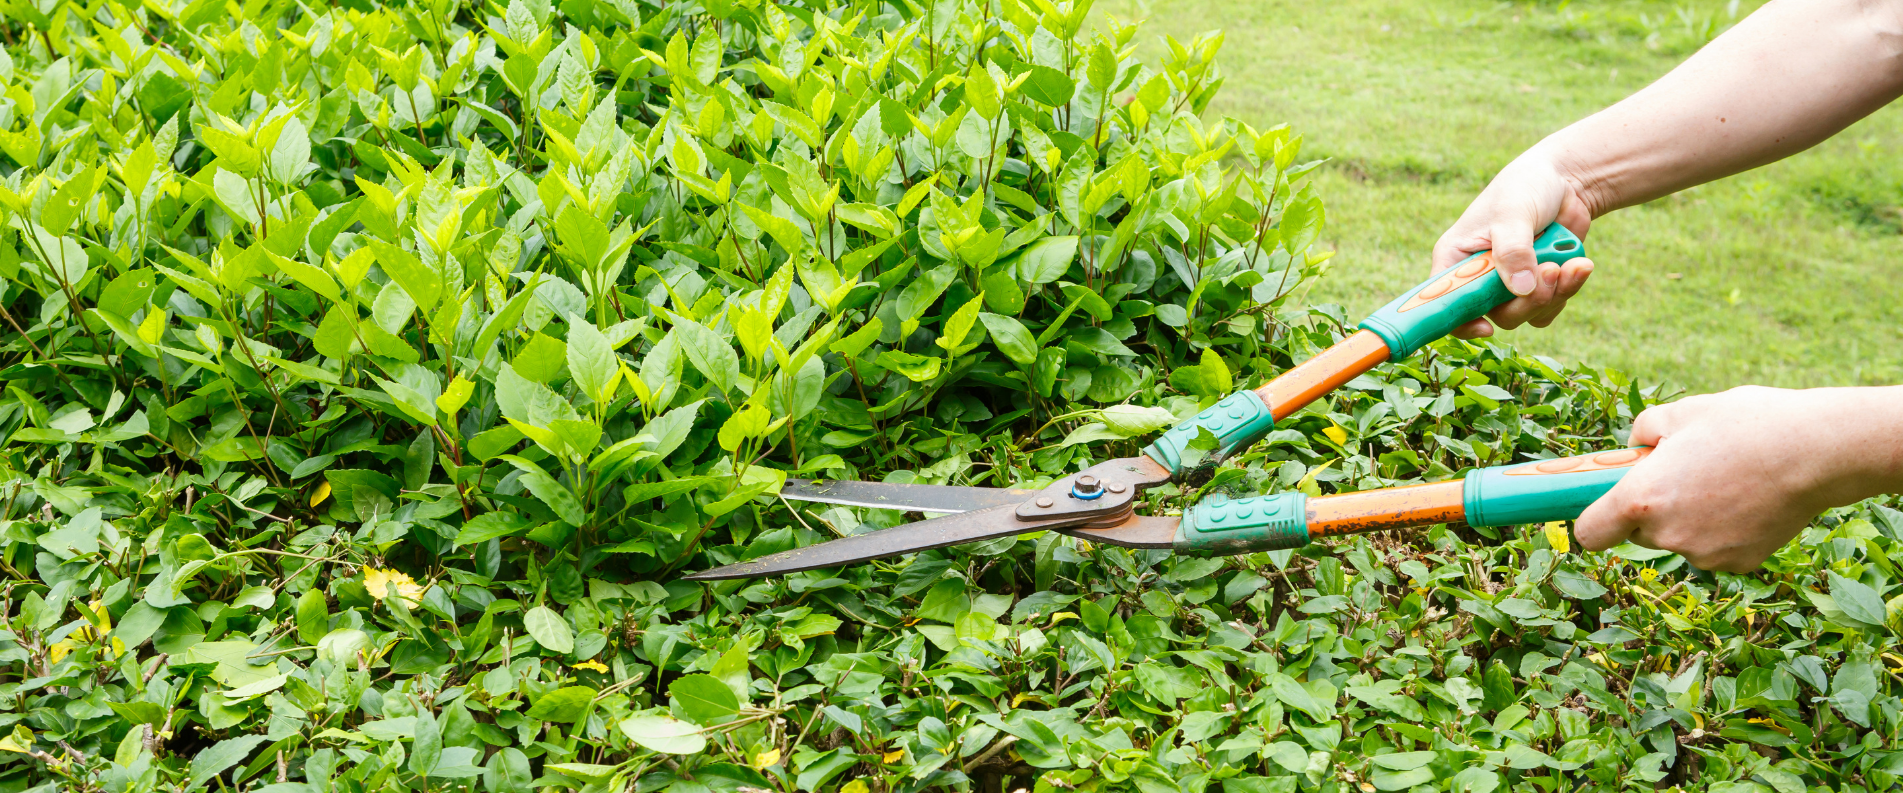 Sauvegrain Paysage s'occupe de la taille de vos végétaux